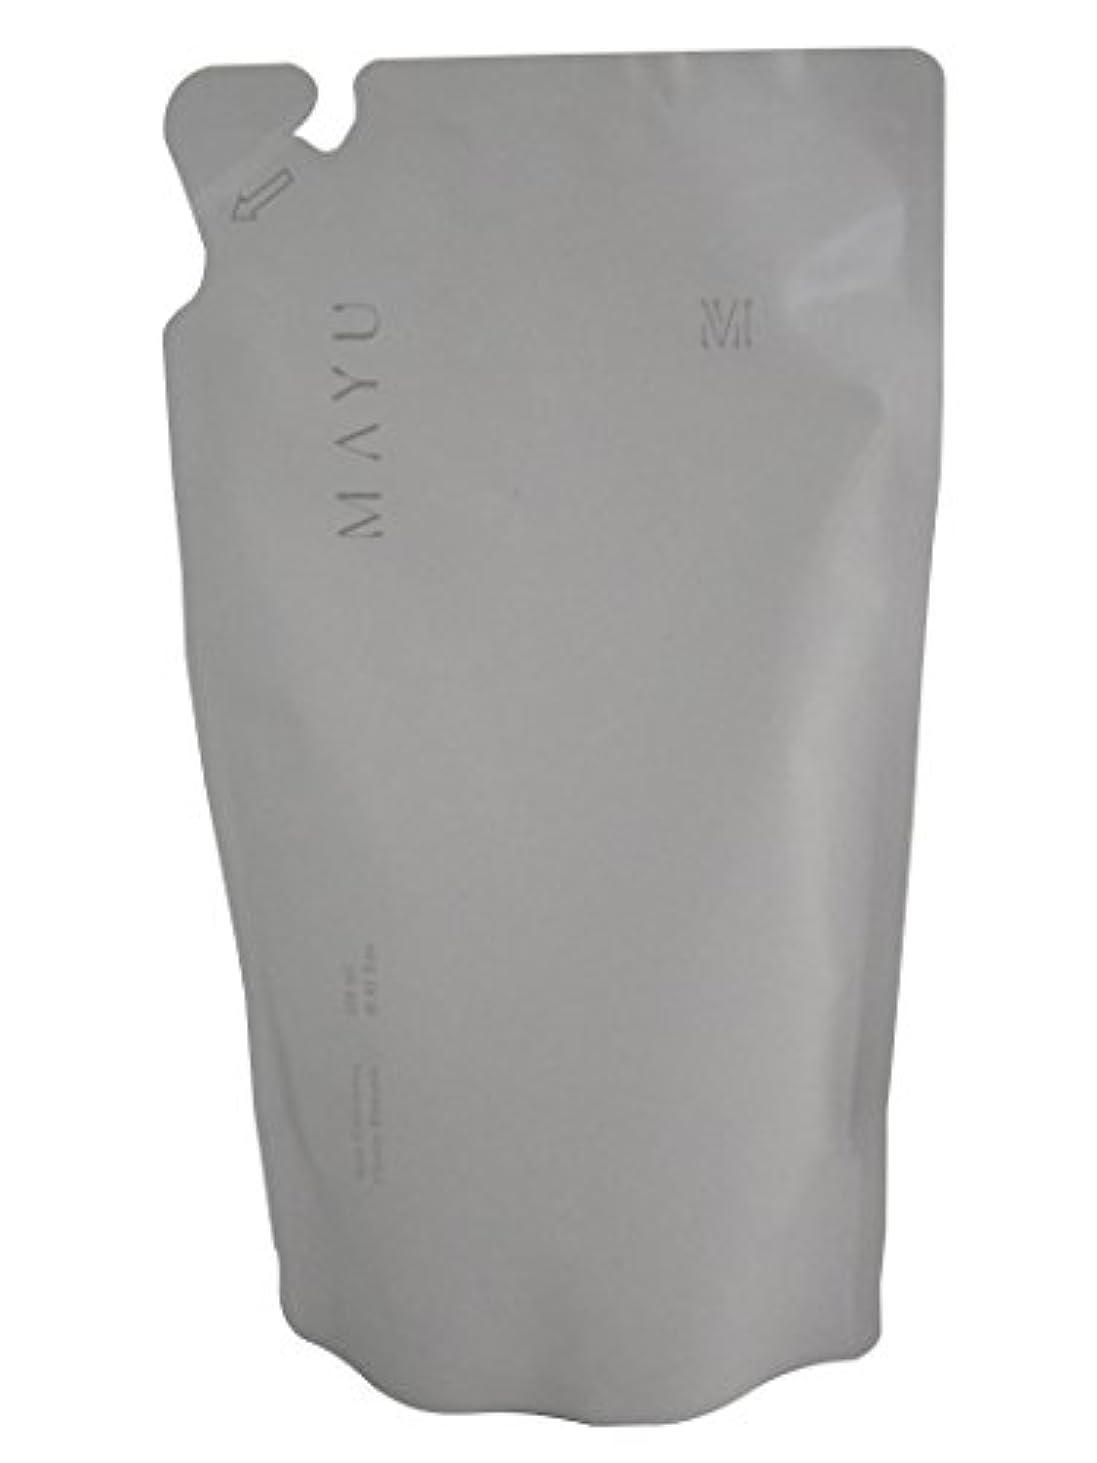 アリ固有の条約【365Plus】 MAYU さくらの香り トリートメント リフィル (320ml) 1本入り